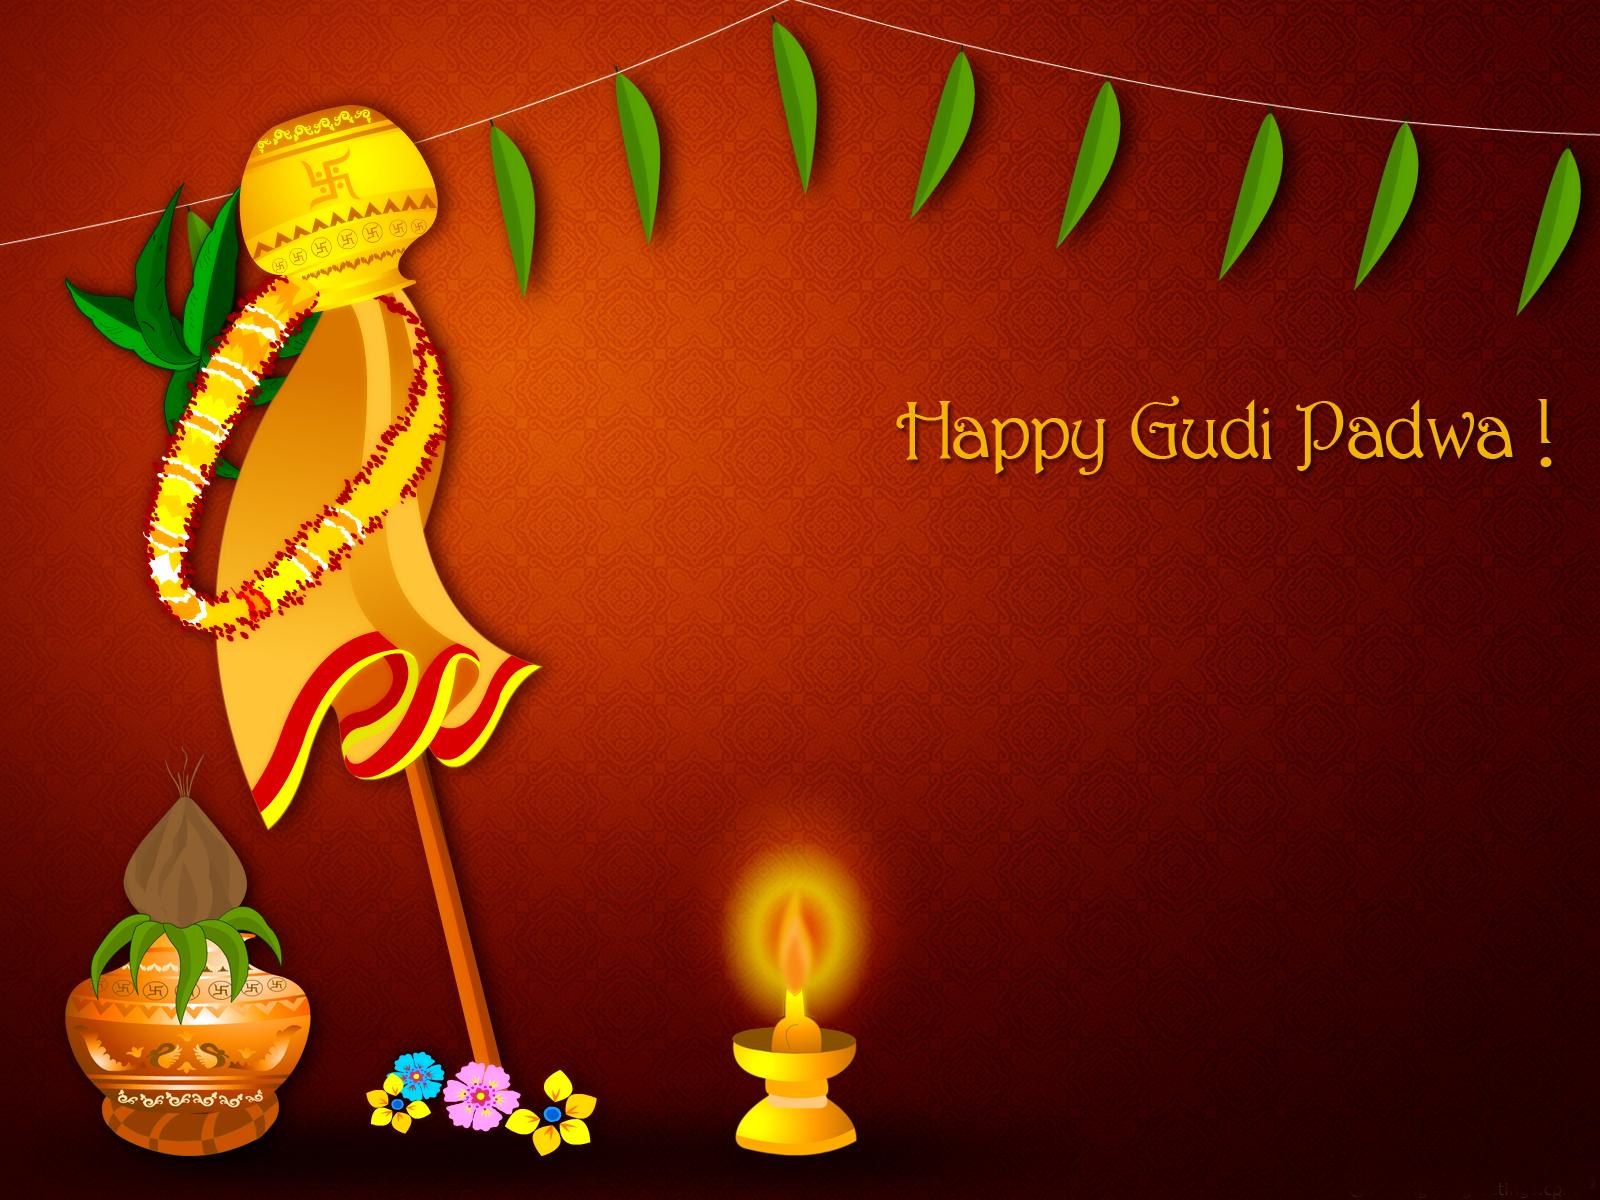 Gudi Padwa 2018 Images